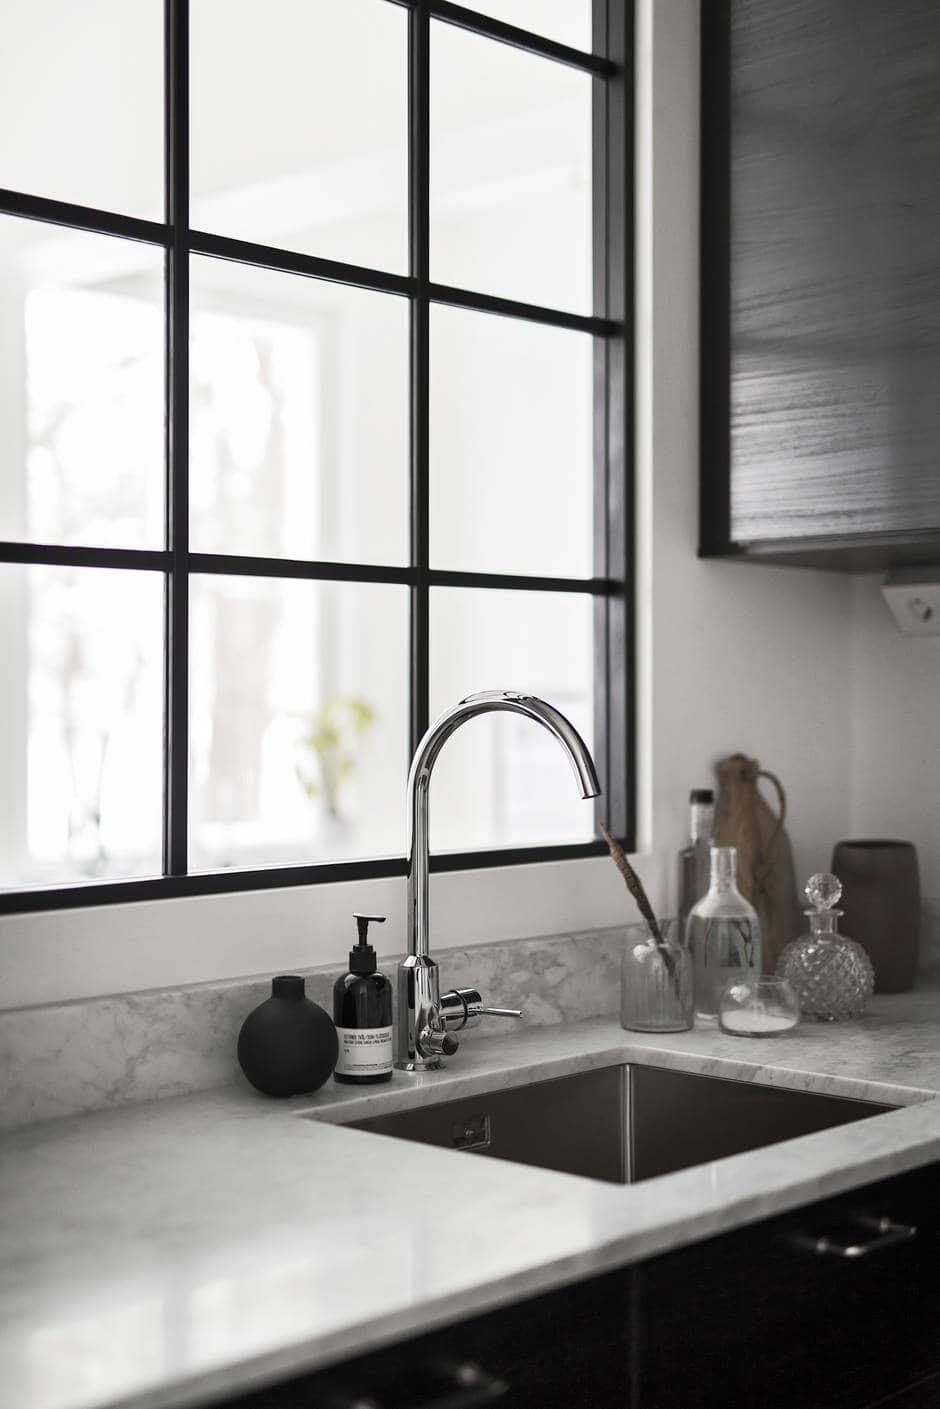 Window between kitchen and bedroom - via Coco Lapine Design